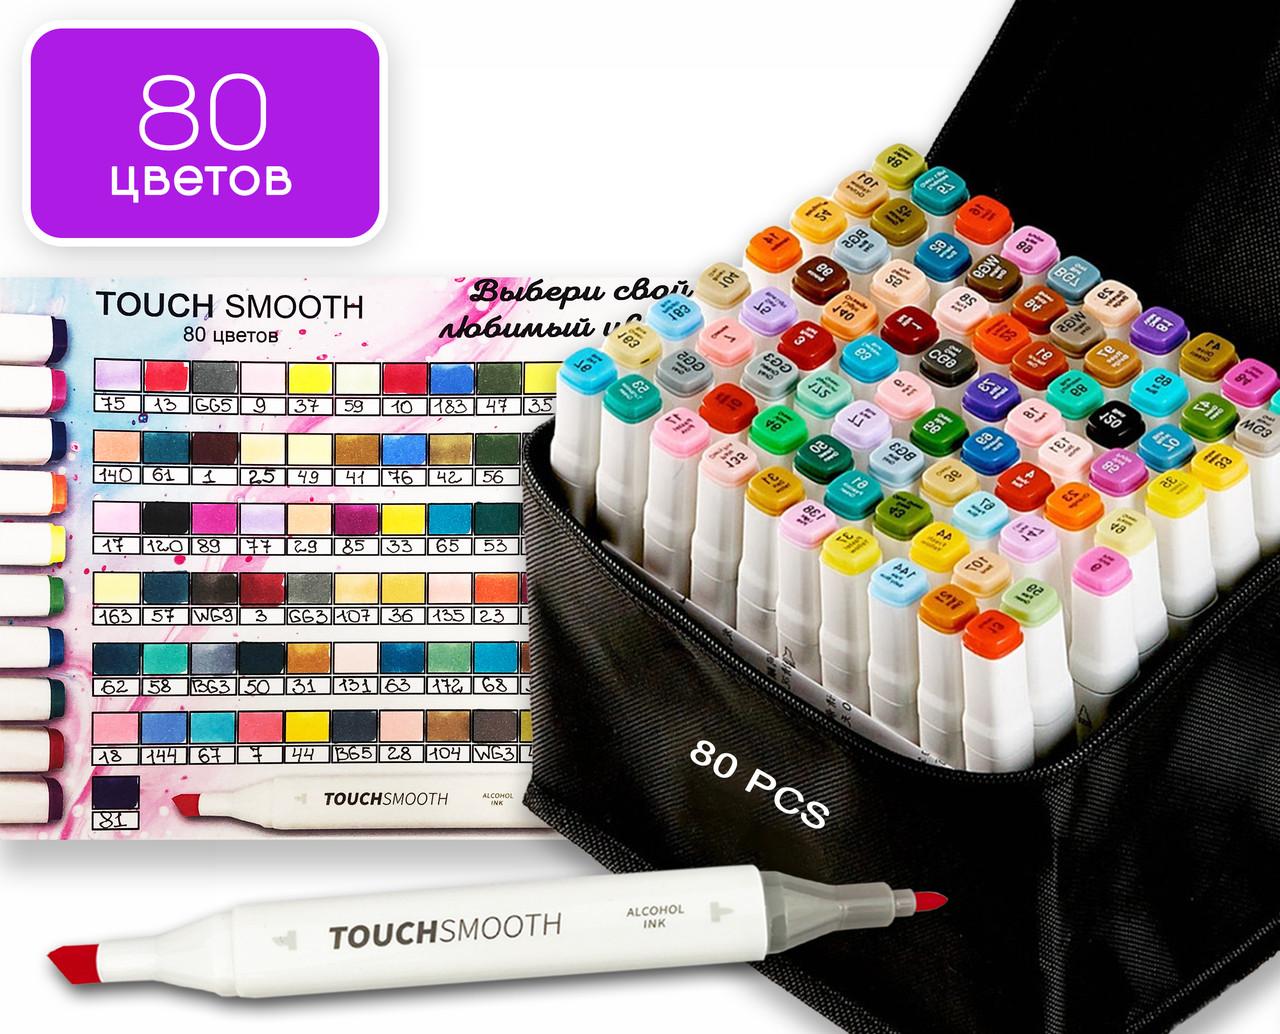 Набор профессиональных двухсторонних маркеров для скетчинга Touch Smooth 80 цветов, Художественные маркеры